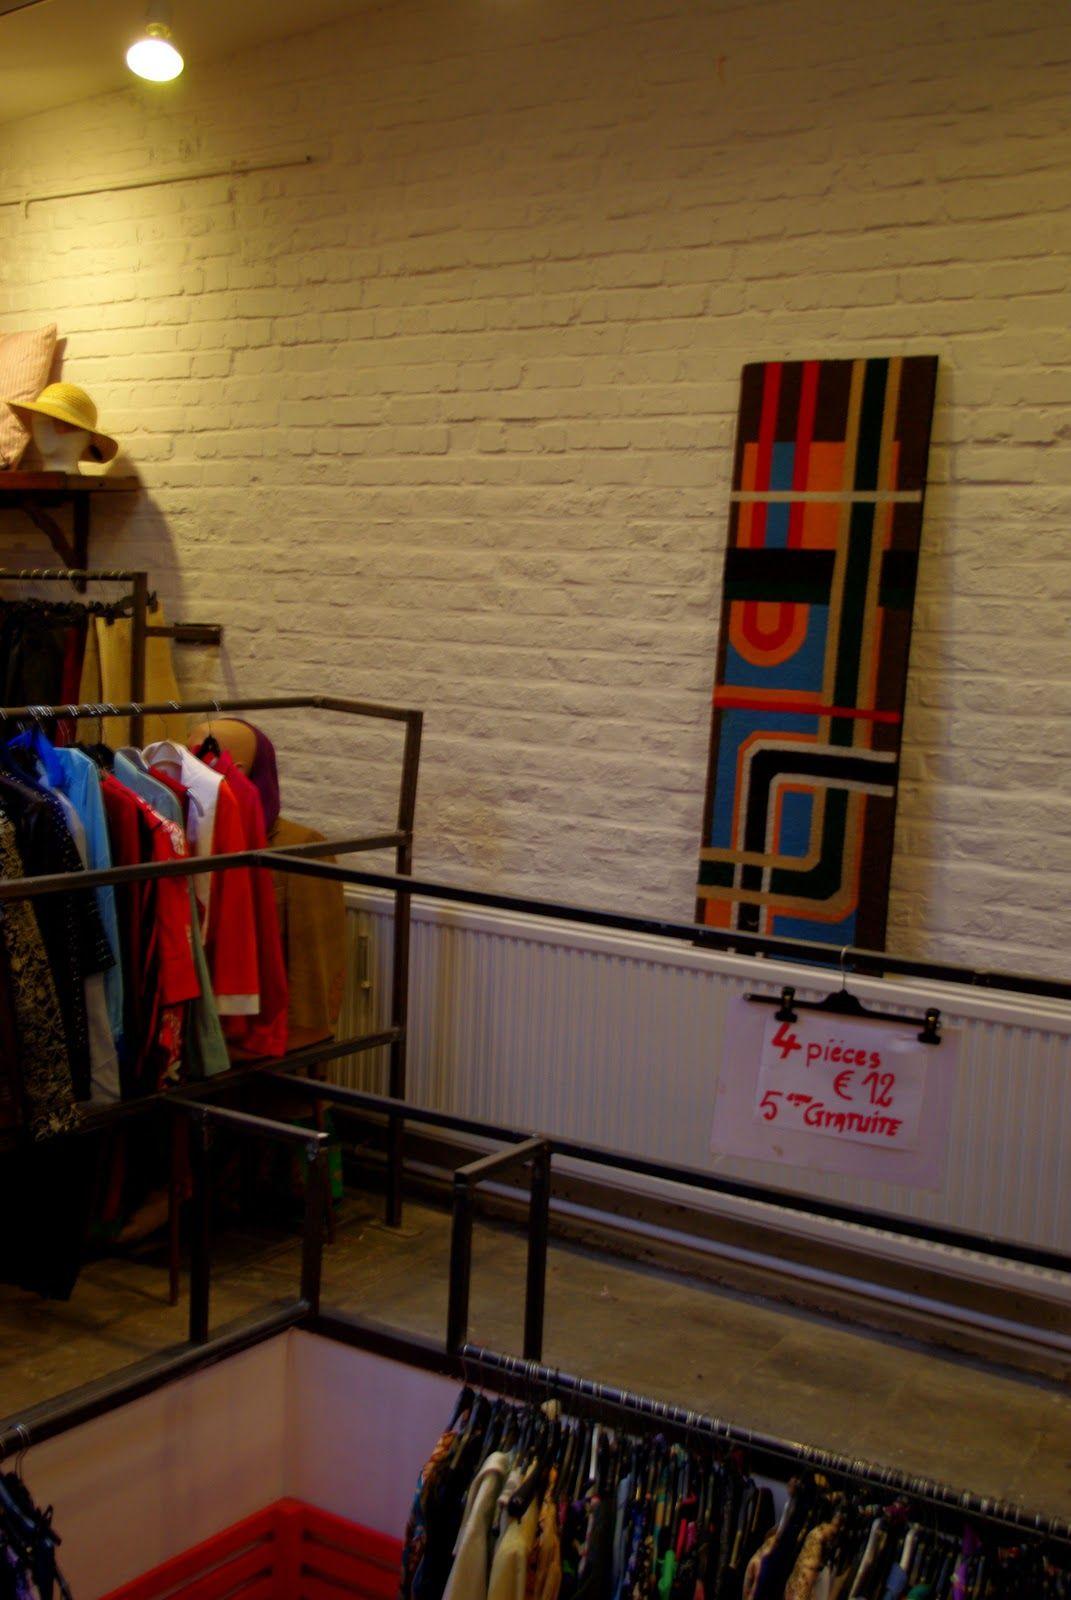 Bruxelles Adresses De Fripes Les Petits Rien Et Retro Paradise Rue Americaine A St Gilles Look 50 Rue De La Jeux De Balle Bruxelles Rue De La Paix